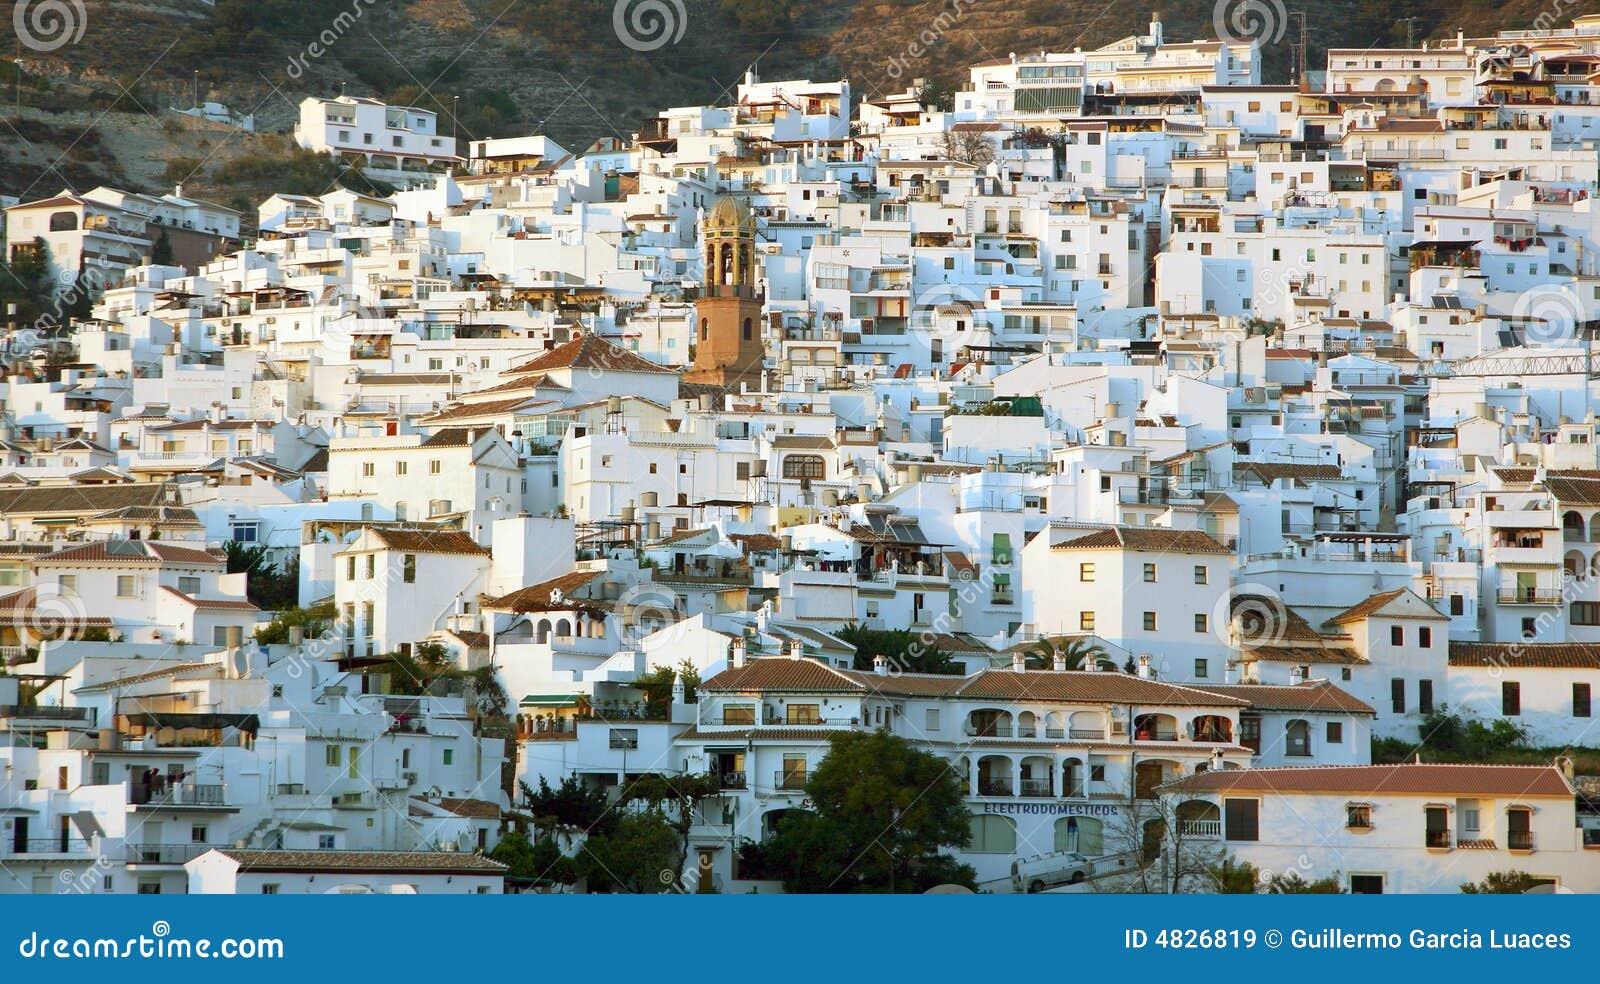 Allgemeine Ansicht einer Stadt in Andalusien, Spanien